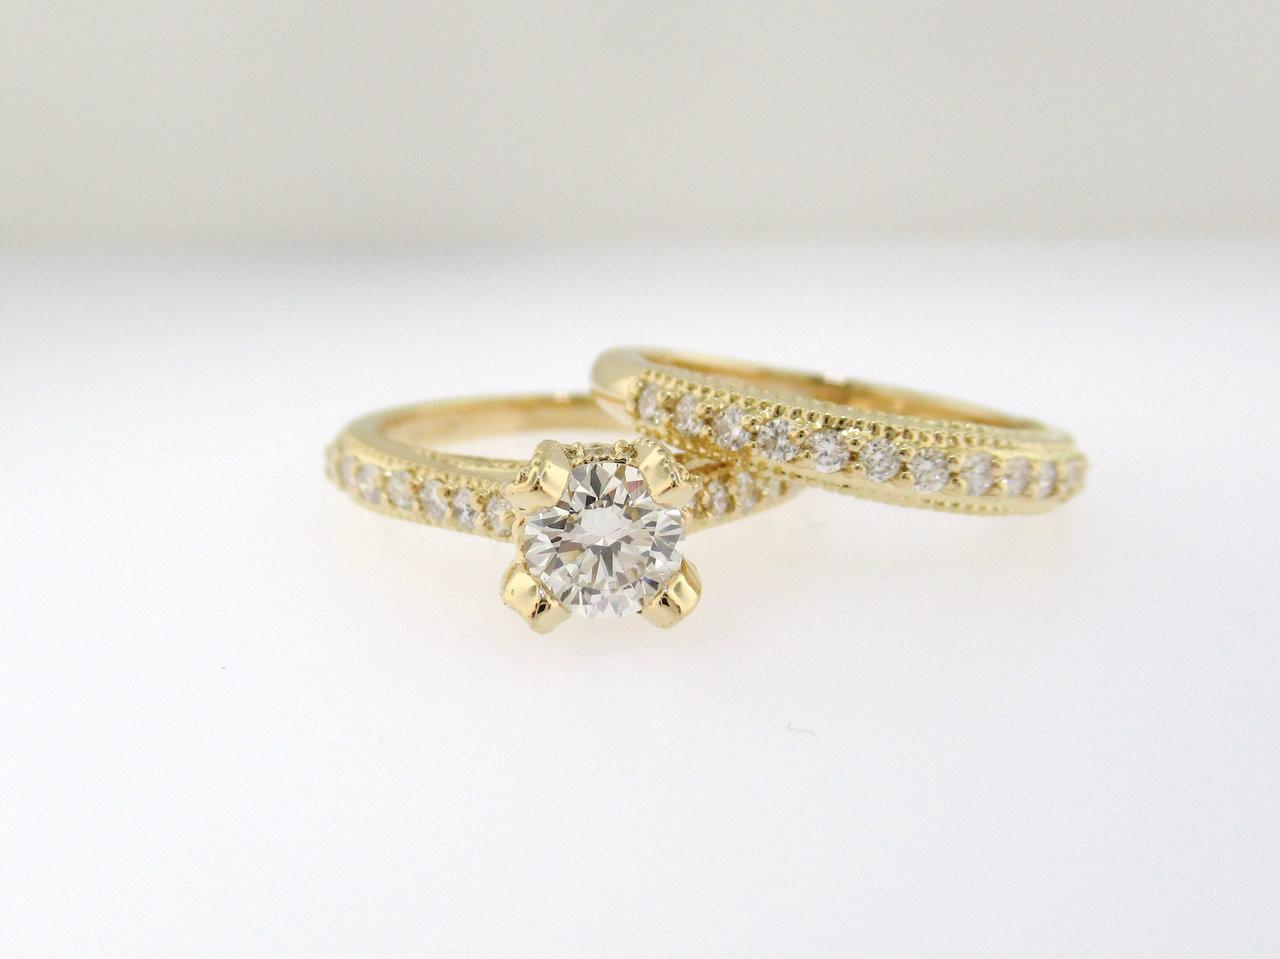 Diamond Engagement Ring Set 18k Yellow Gold Vintage Wedding Ring